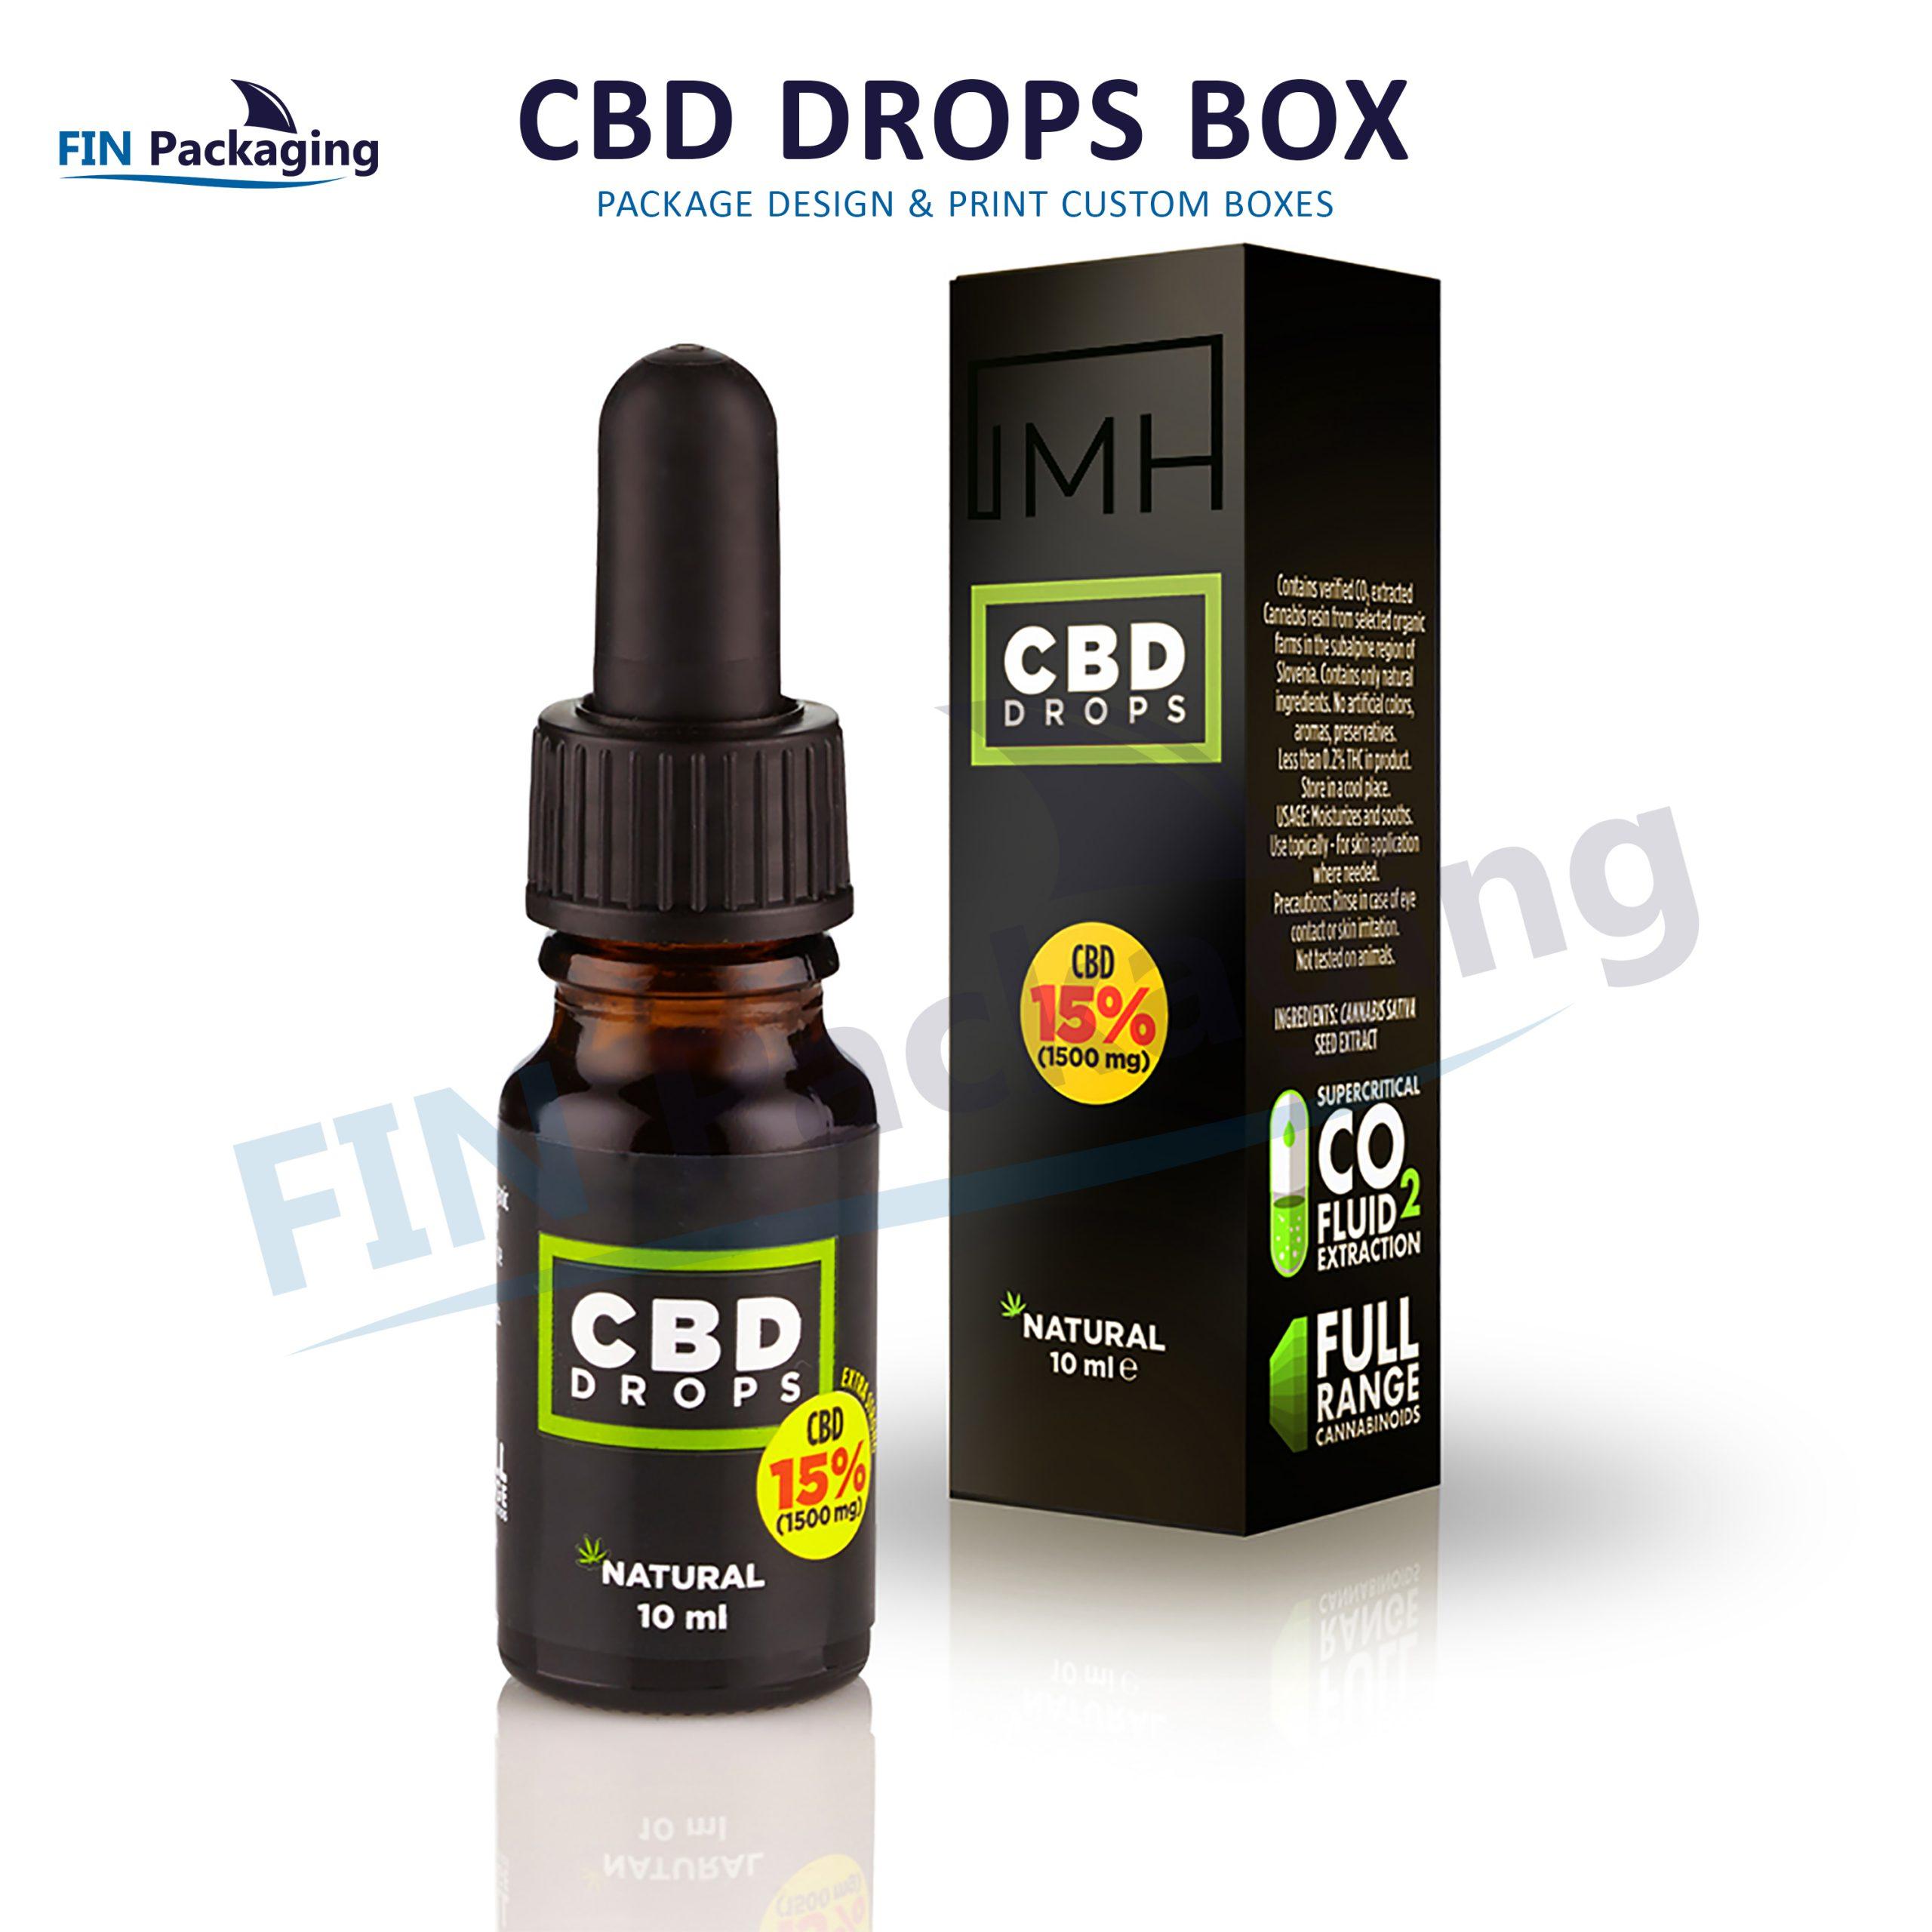 Custom CBD Boxes | CBD Oil Packaging